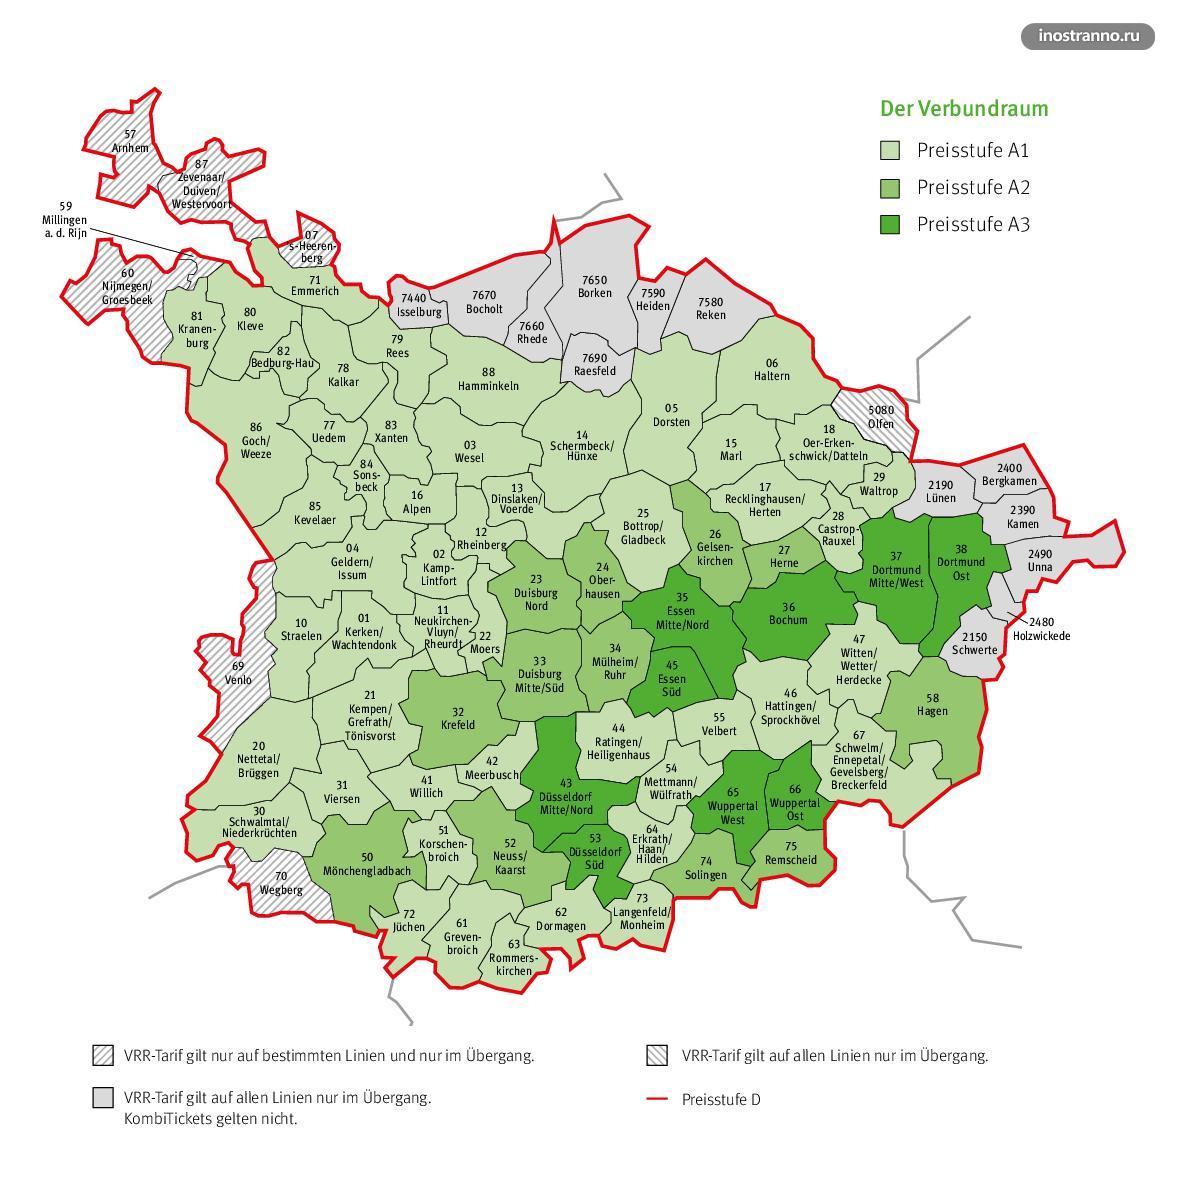 Тарифные зоны в Дюссельдорфе